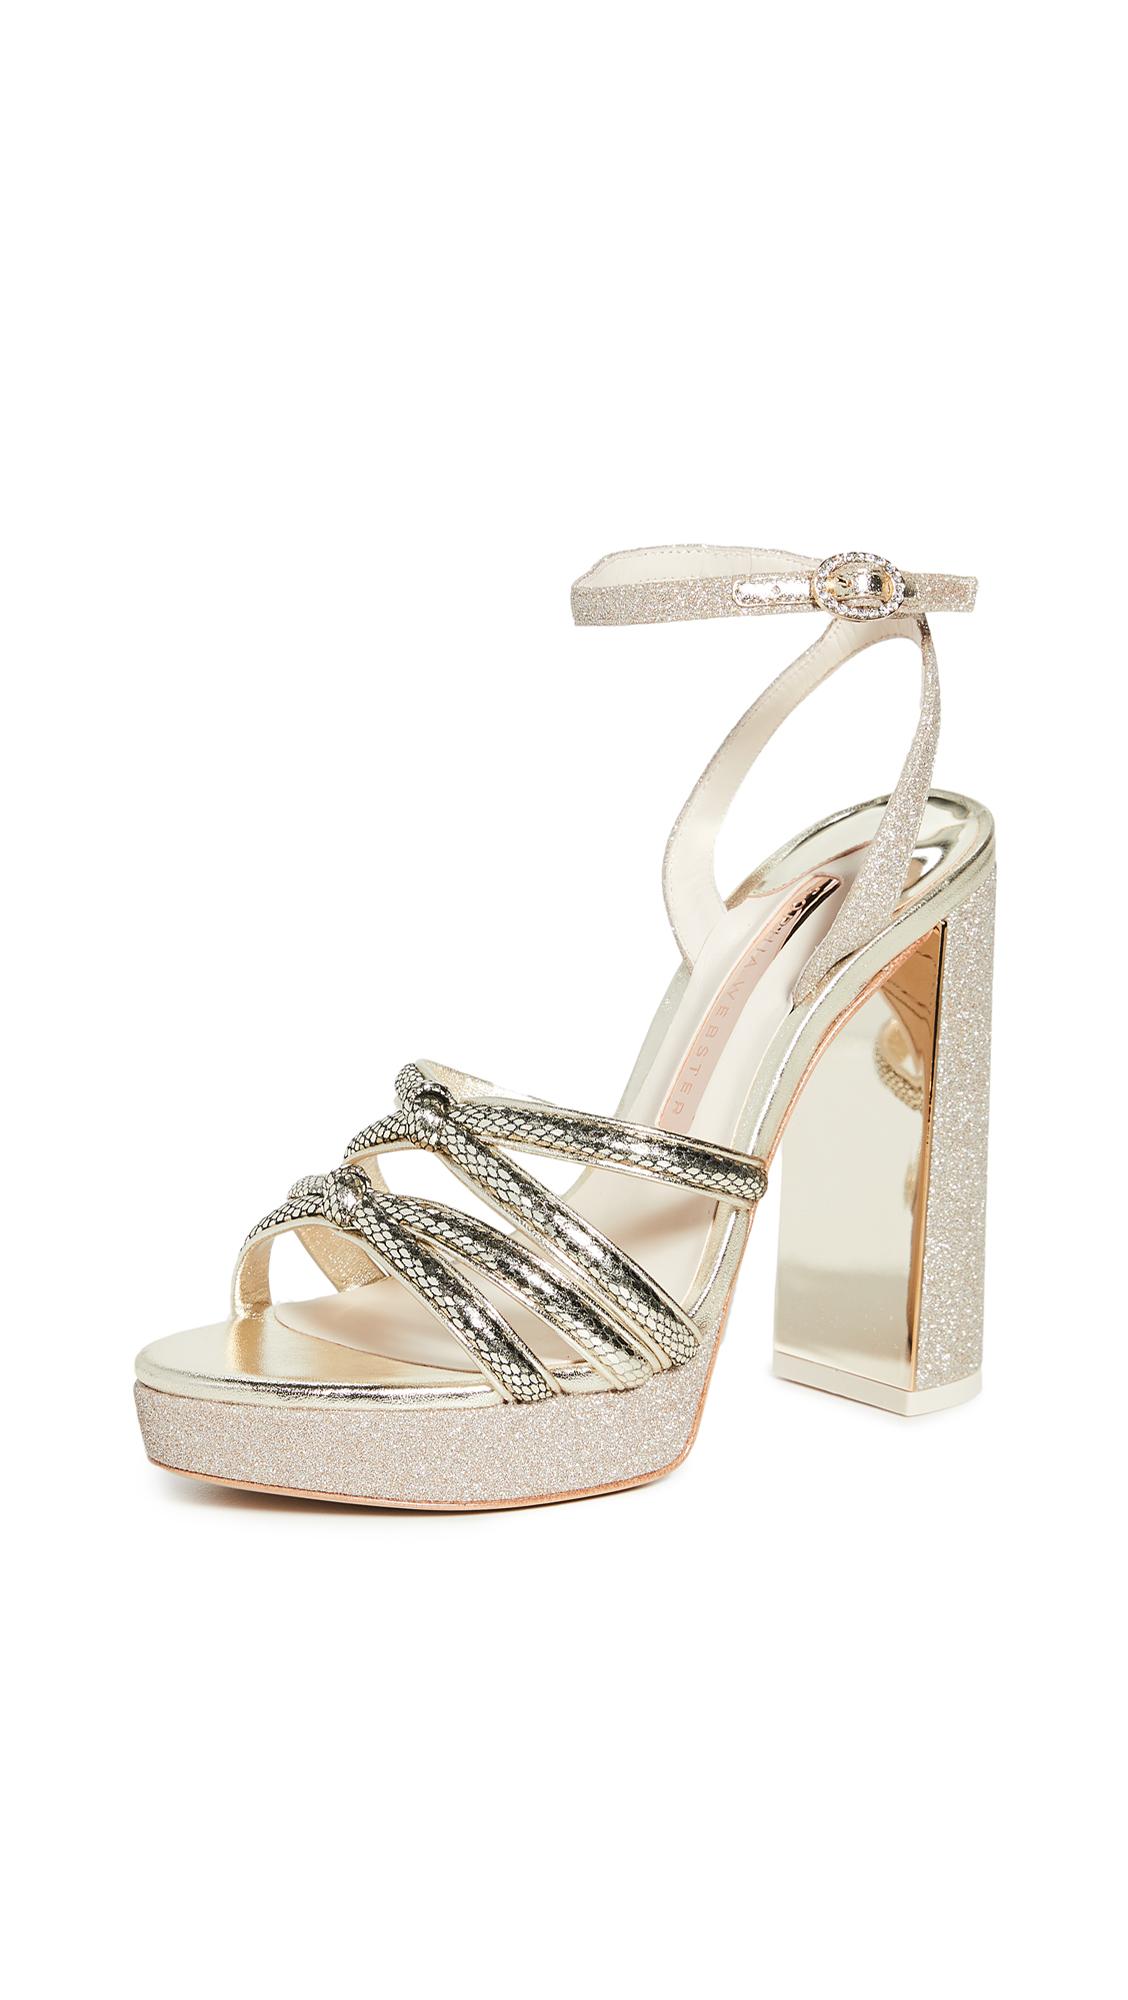 Sophia Webster Freya Platform Sandals – 70% Off Sale